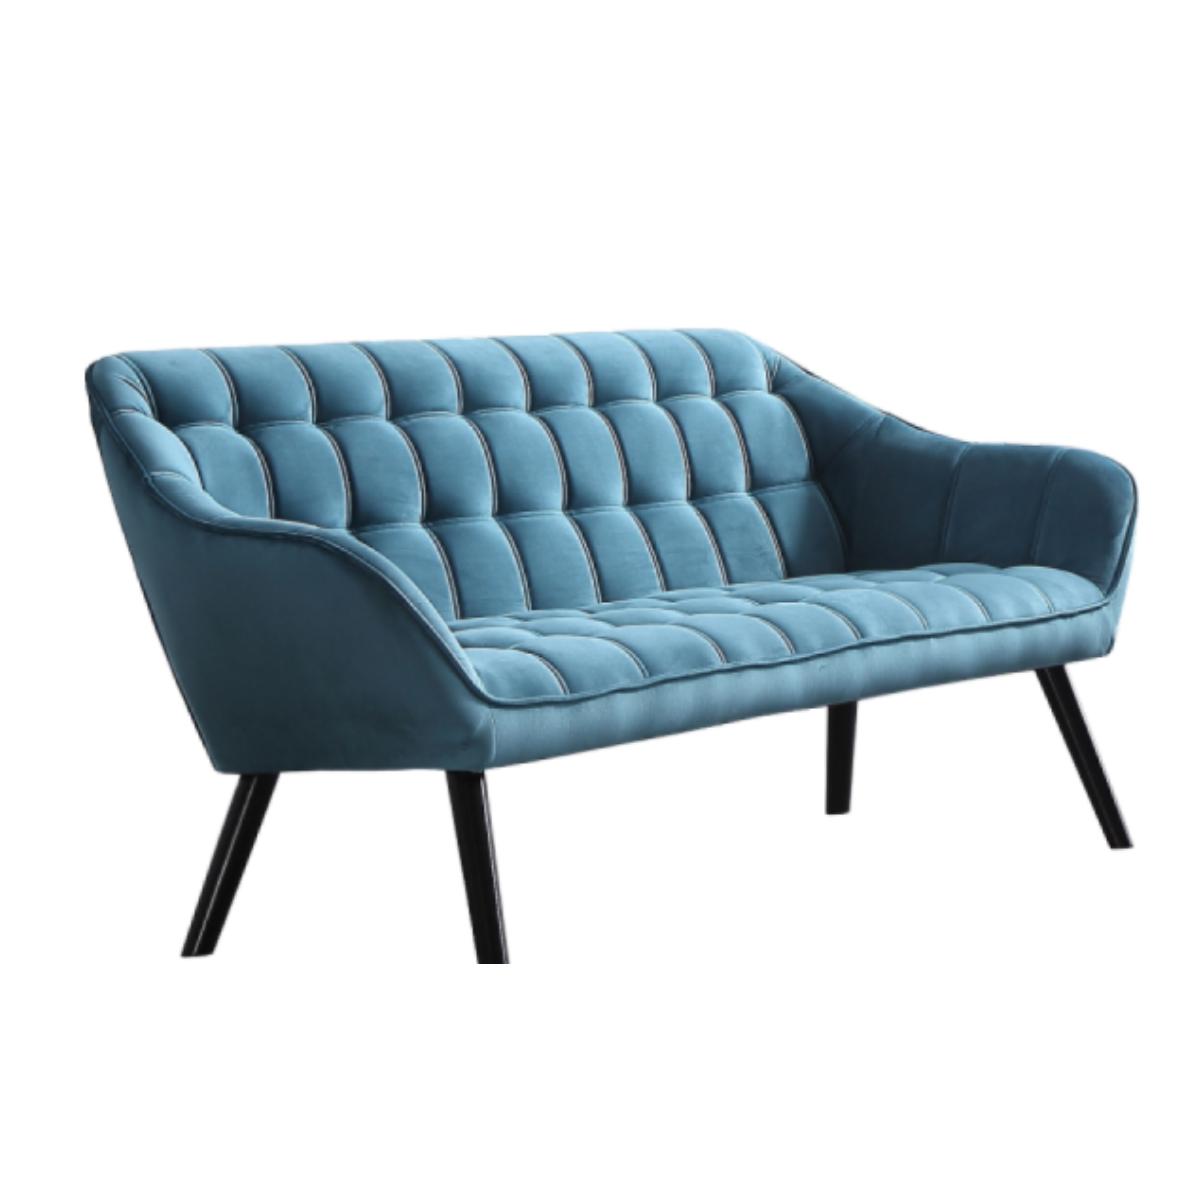 31435-sofa-irvin-tejido-aguamarina-3p.png